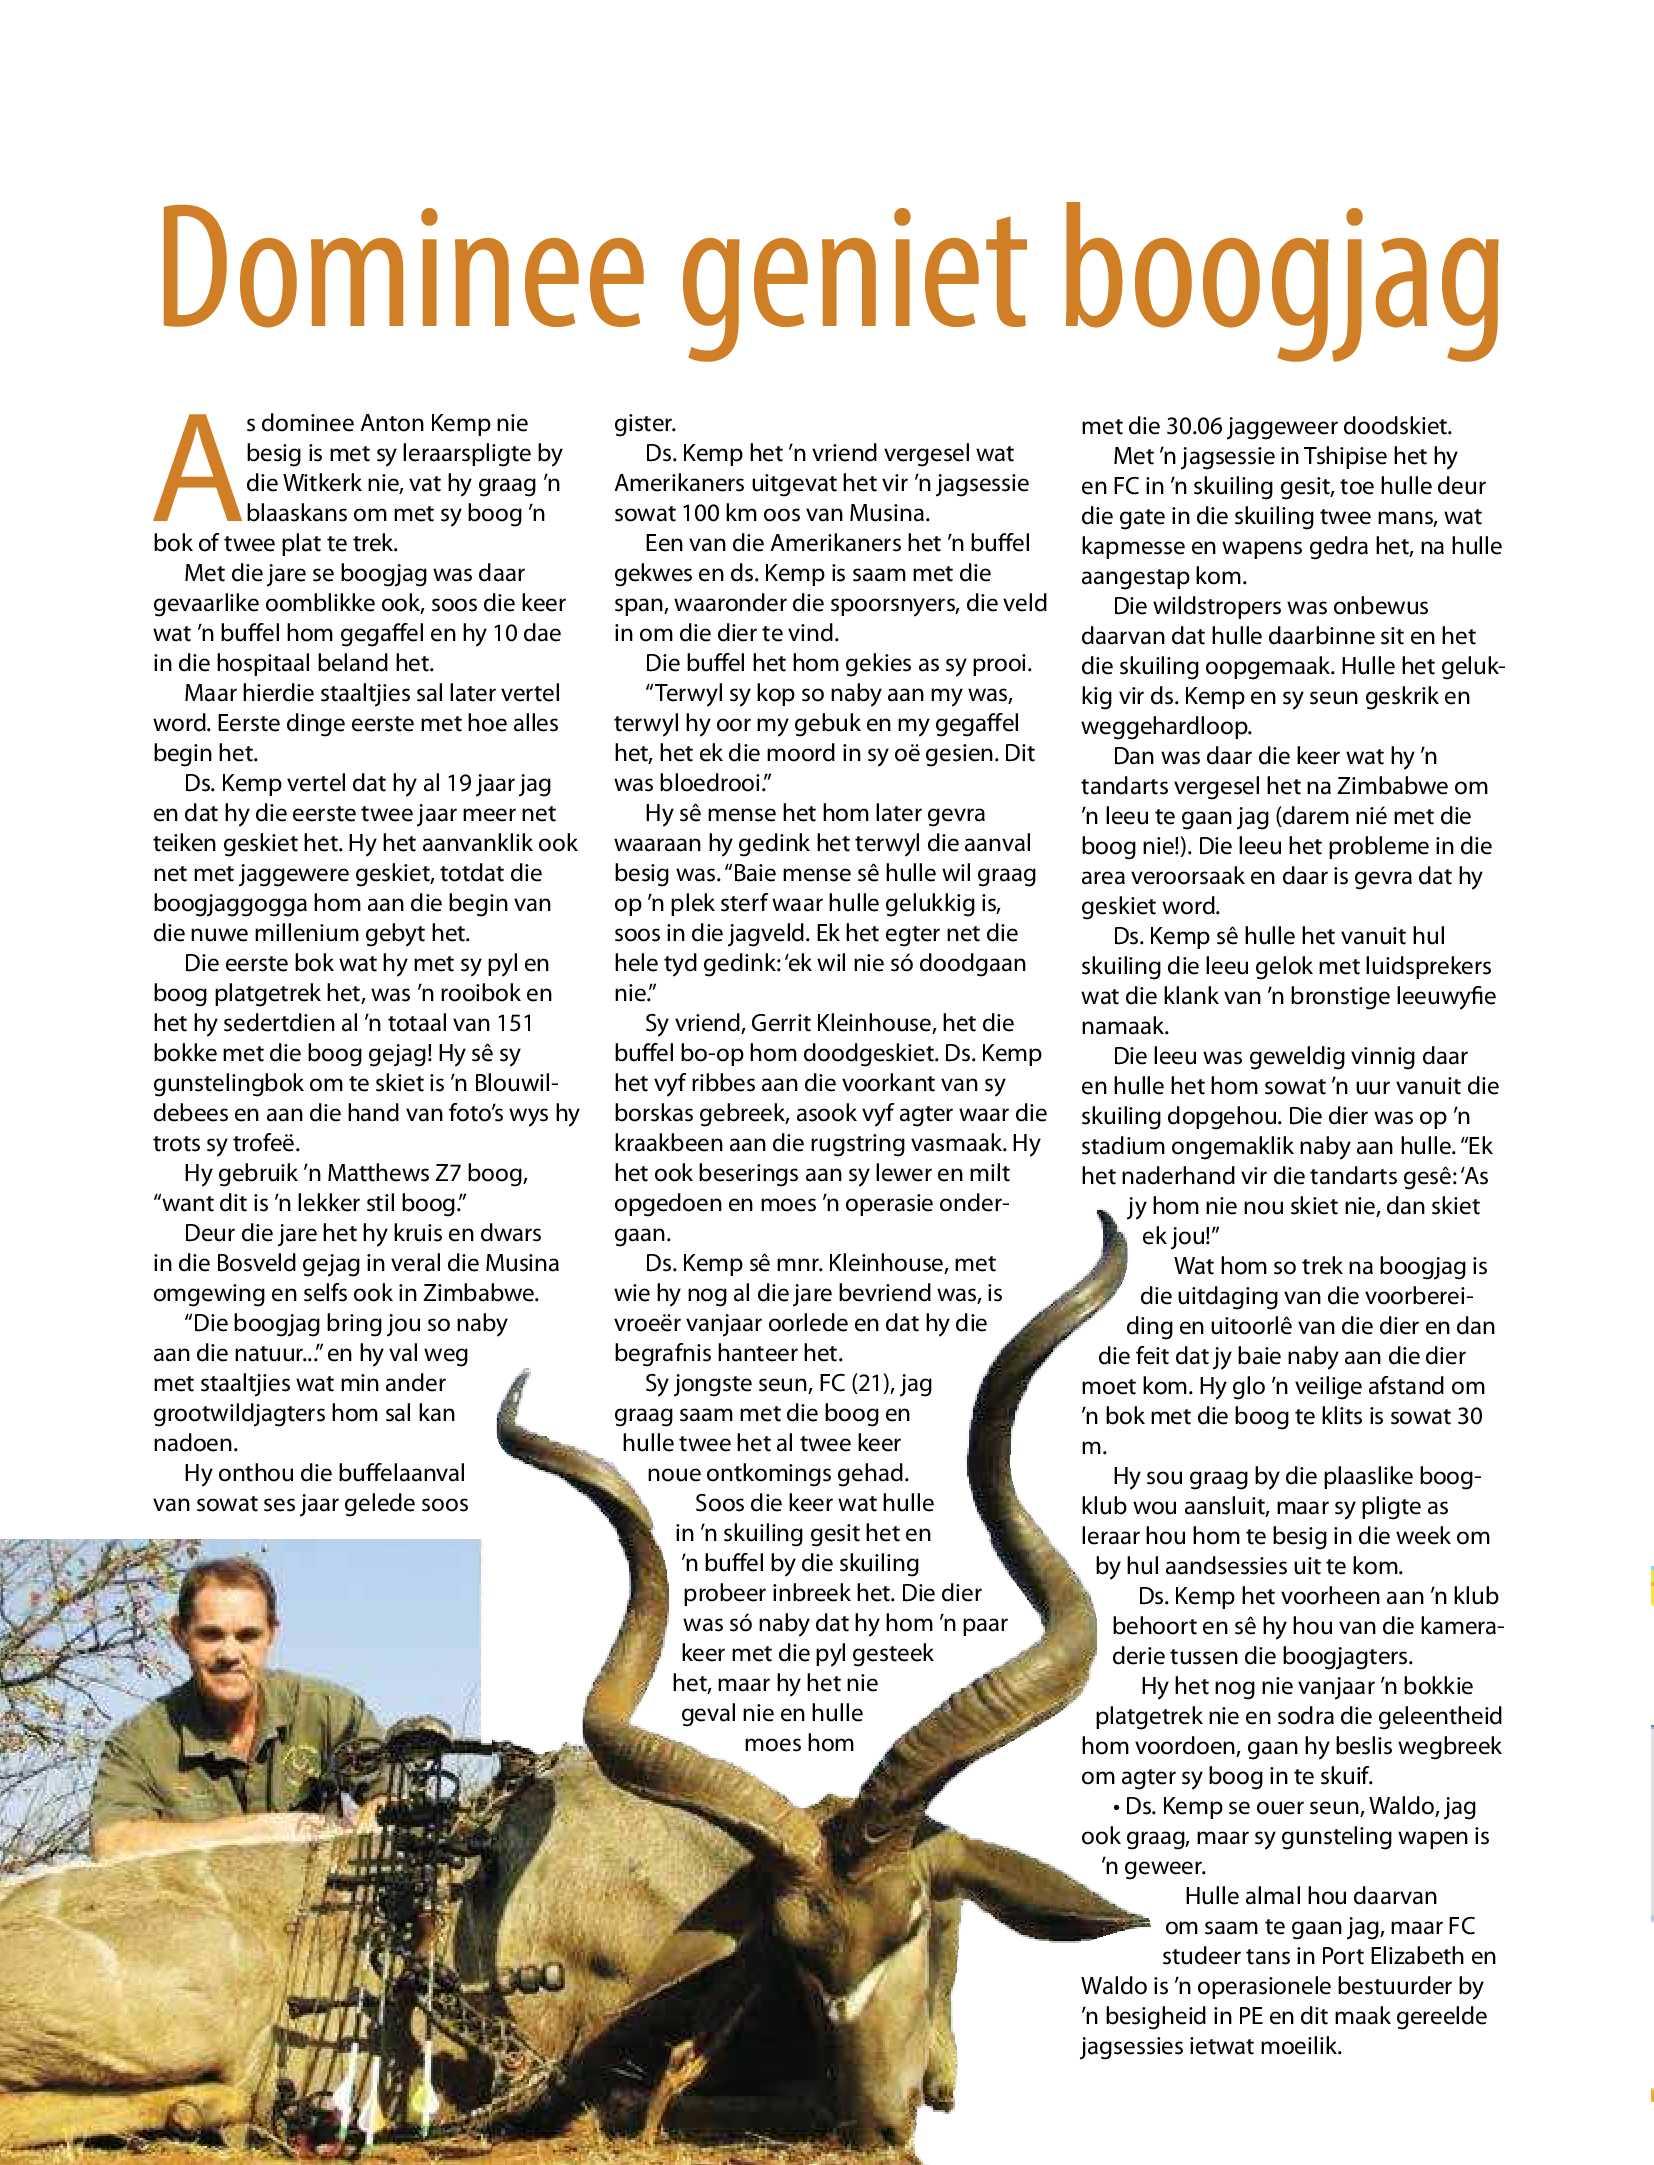 get-middelburg-june-2017-epapers-page-16